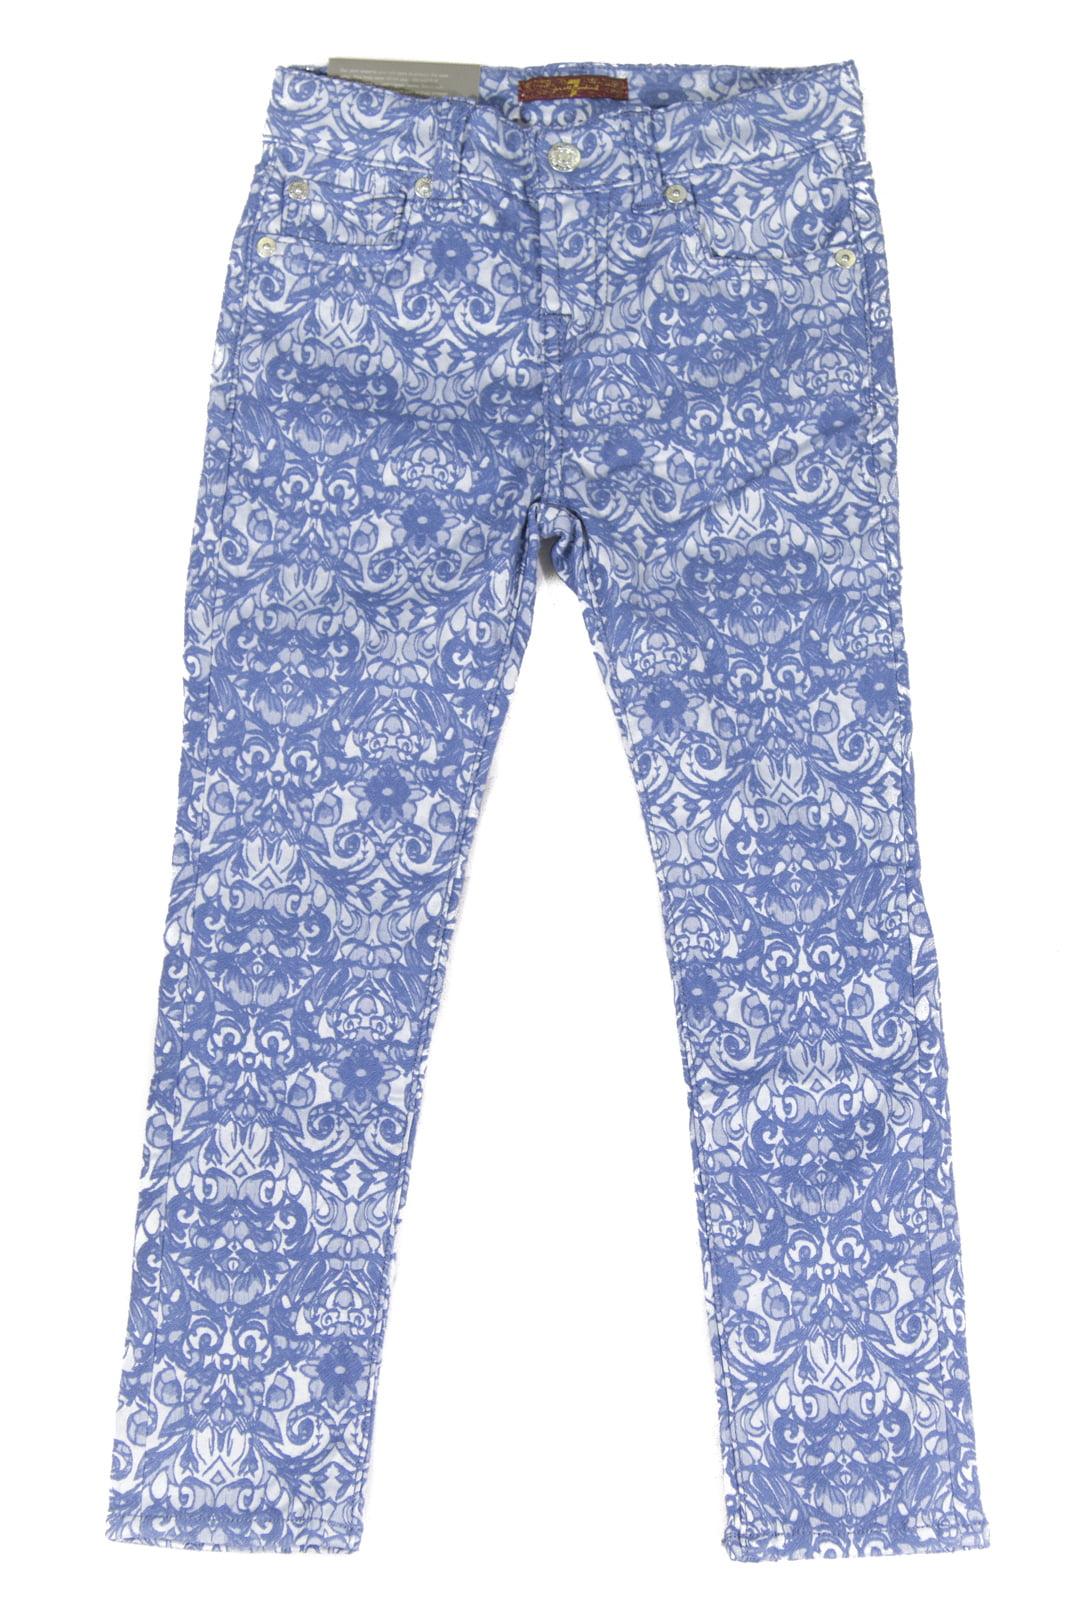 7 for All Mankind Girl's Skinny Legging Jeans 7FFXG2161